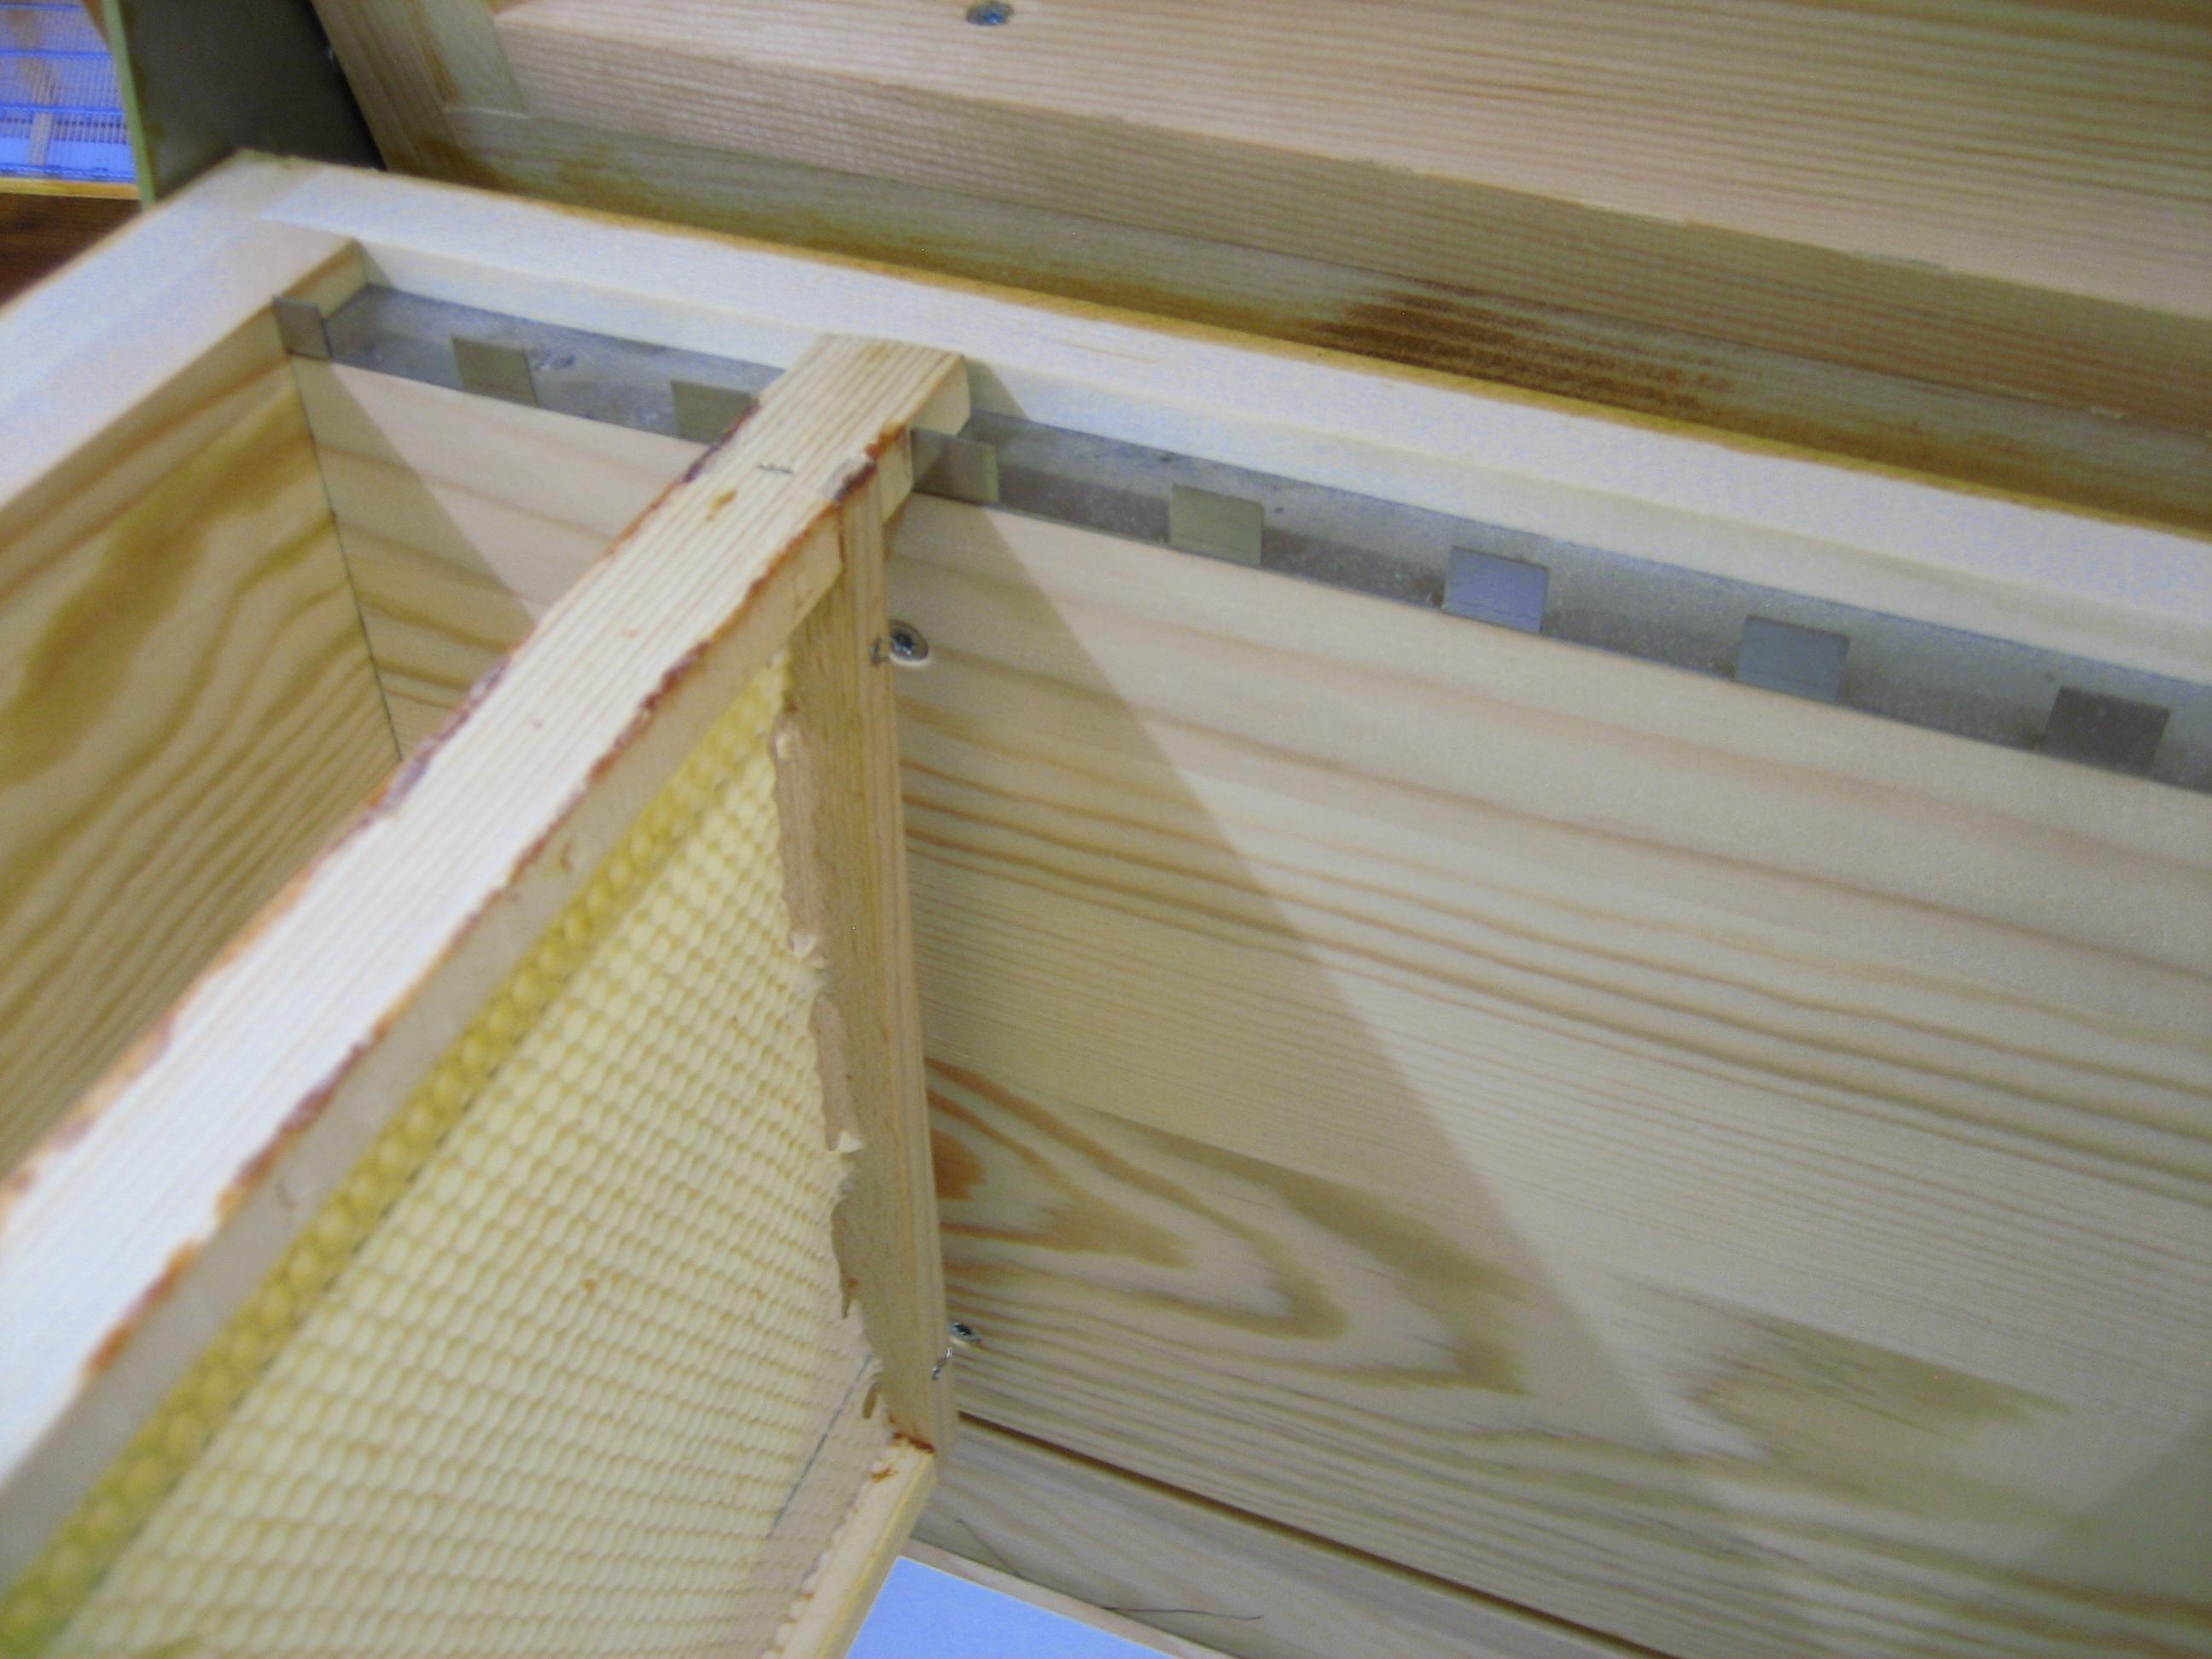 merkmale einer guten bienenbeute brauchbare bienenbeute ergonomisch k rpergerecht aufrecht. Black Bedroom Furniture Sets. Home Design Ideas